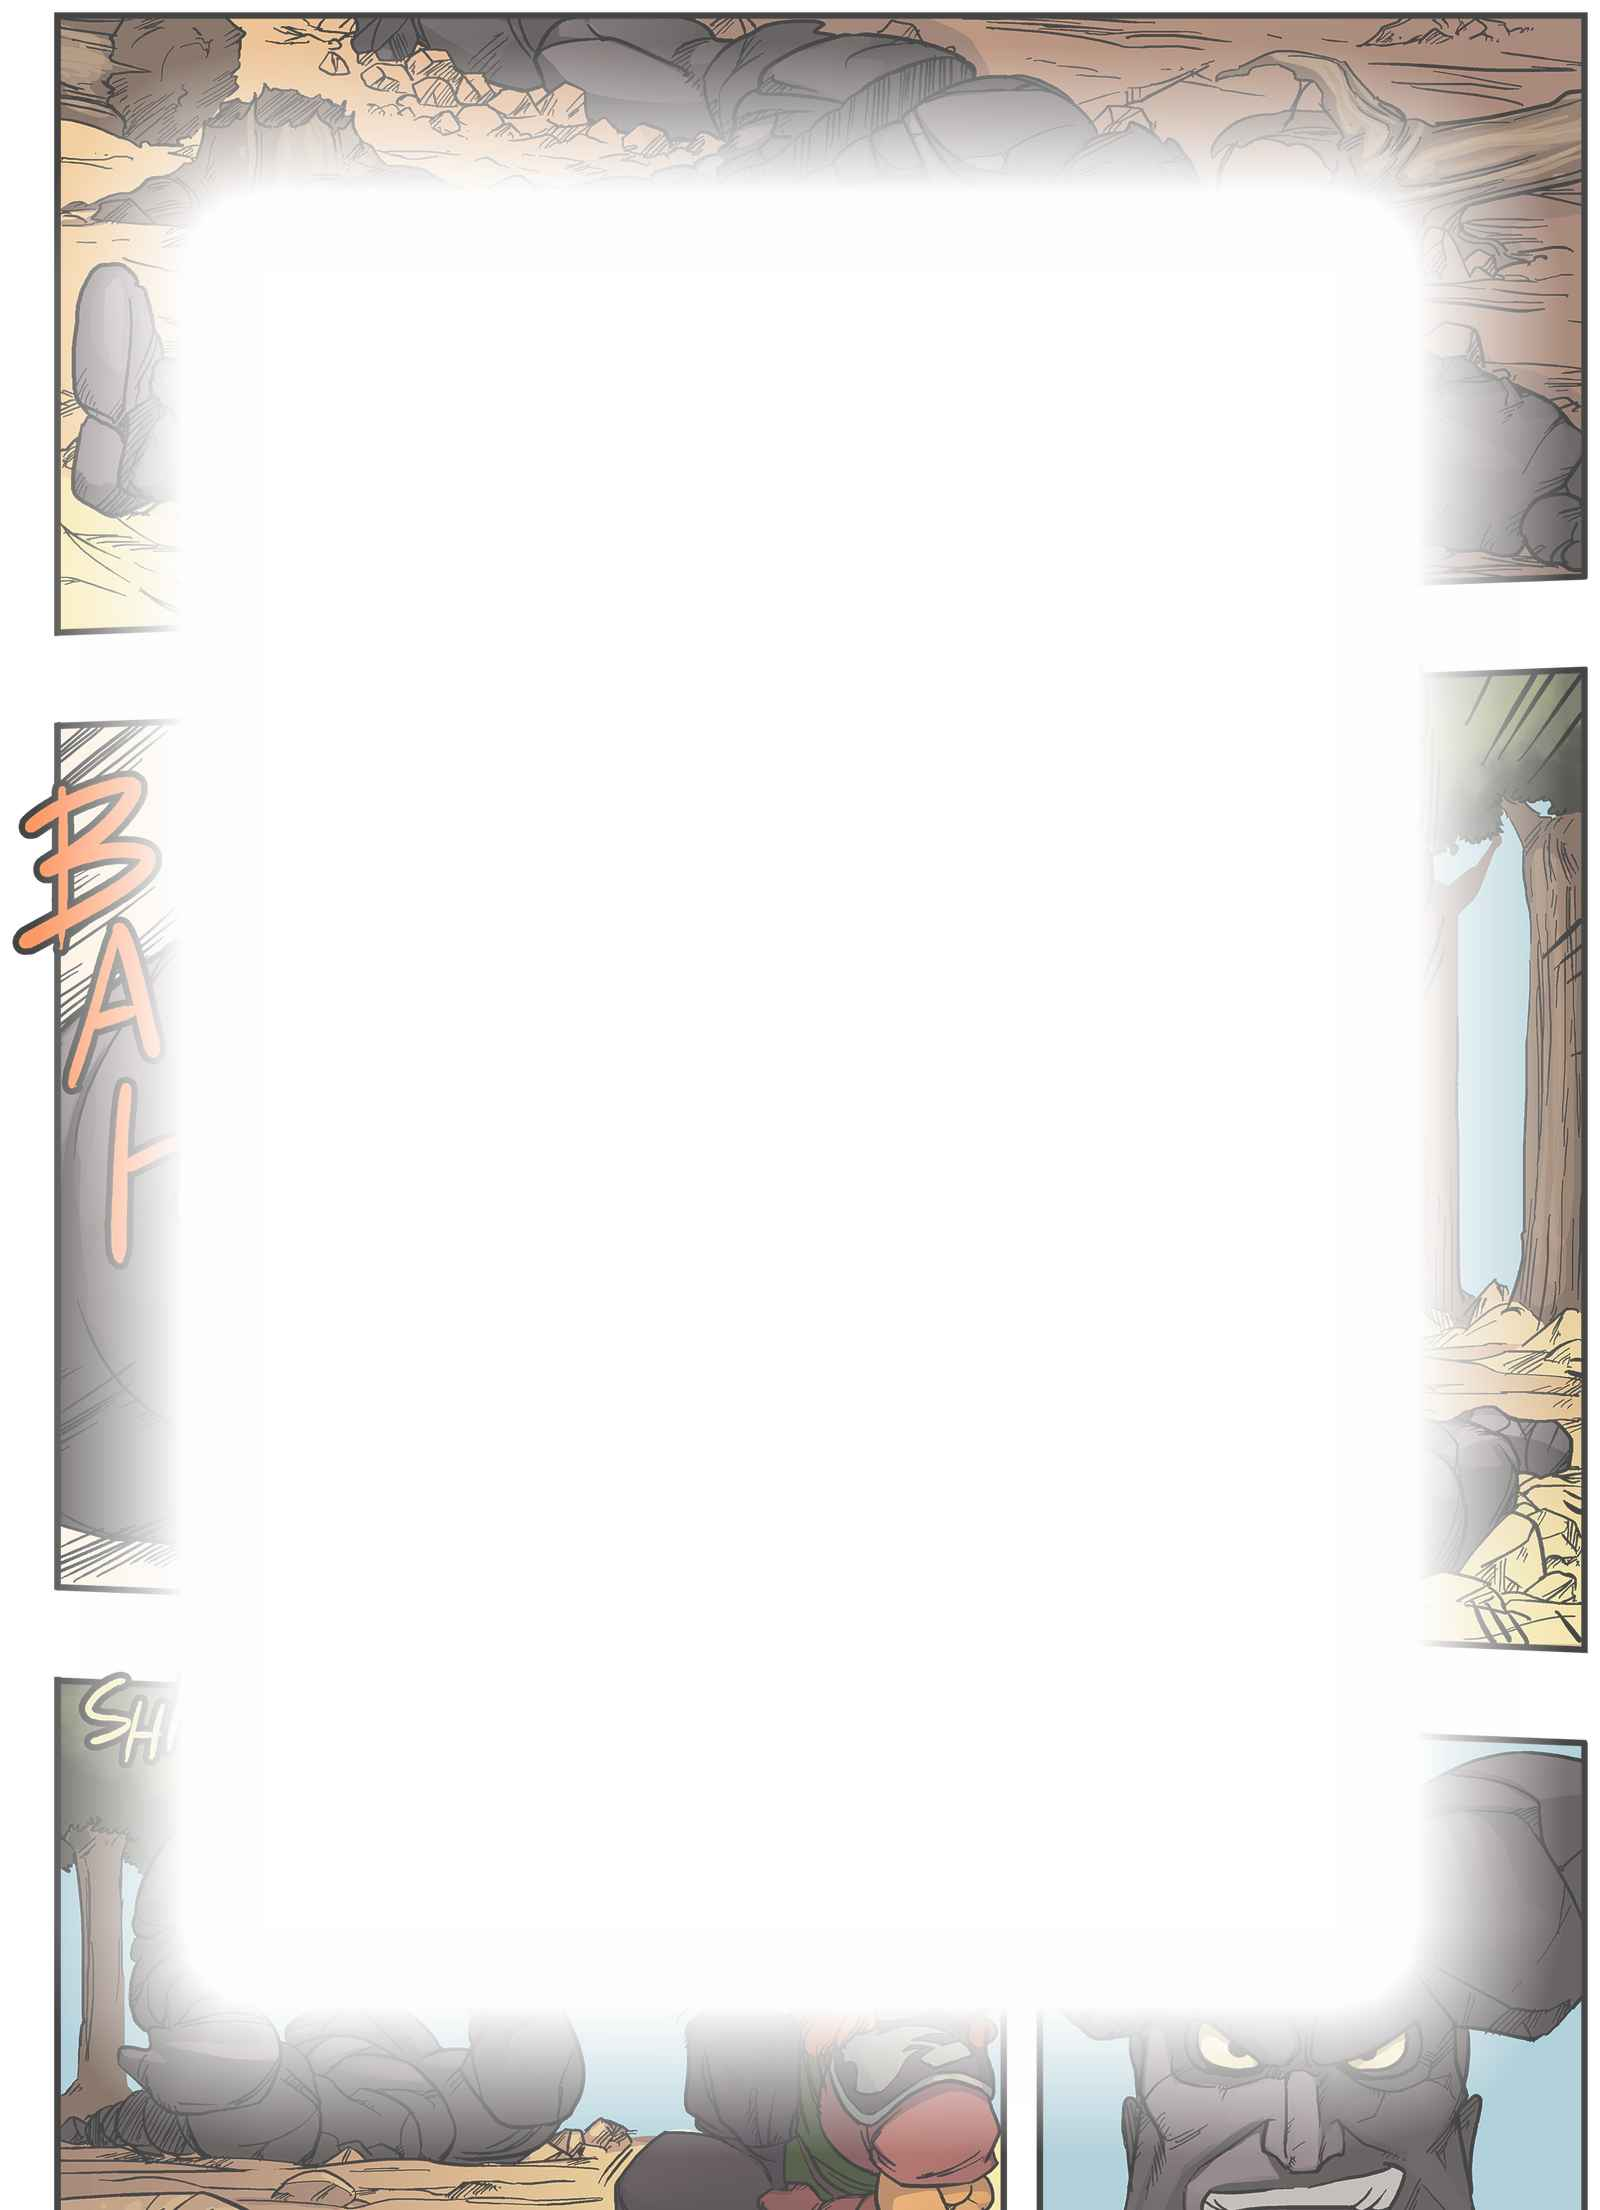 Hémisphères : Chapitre 10 page 22